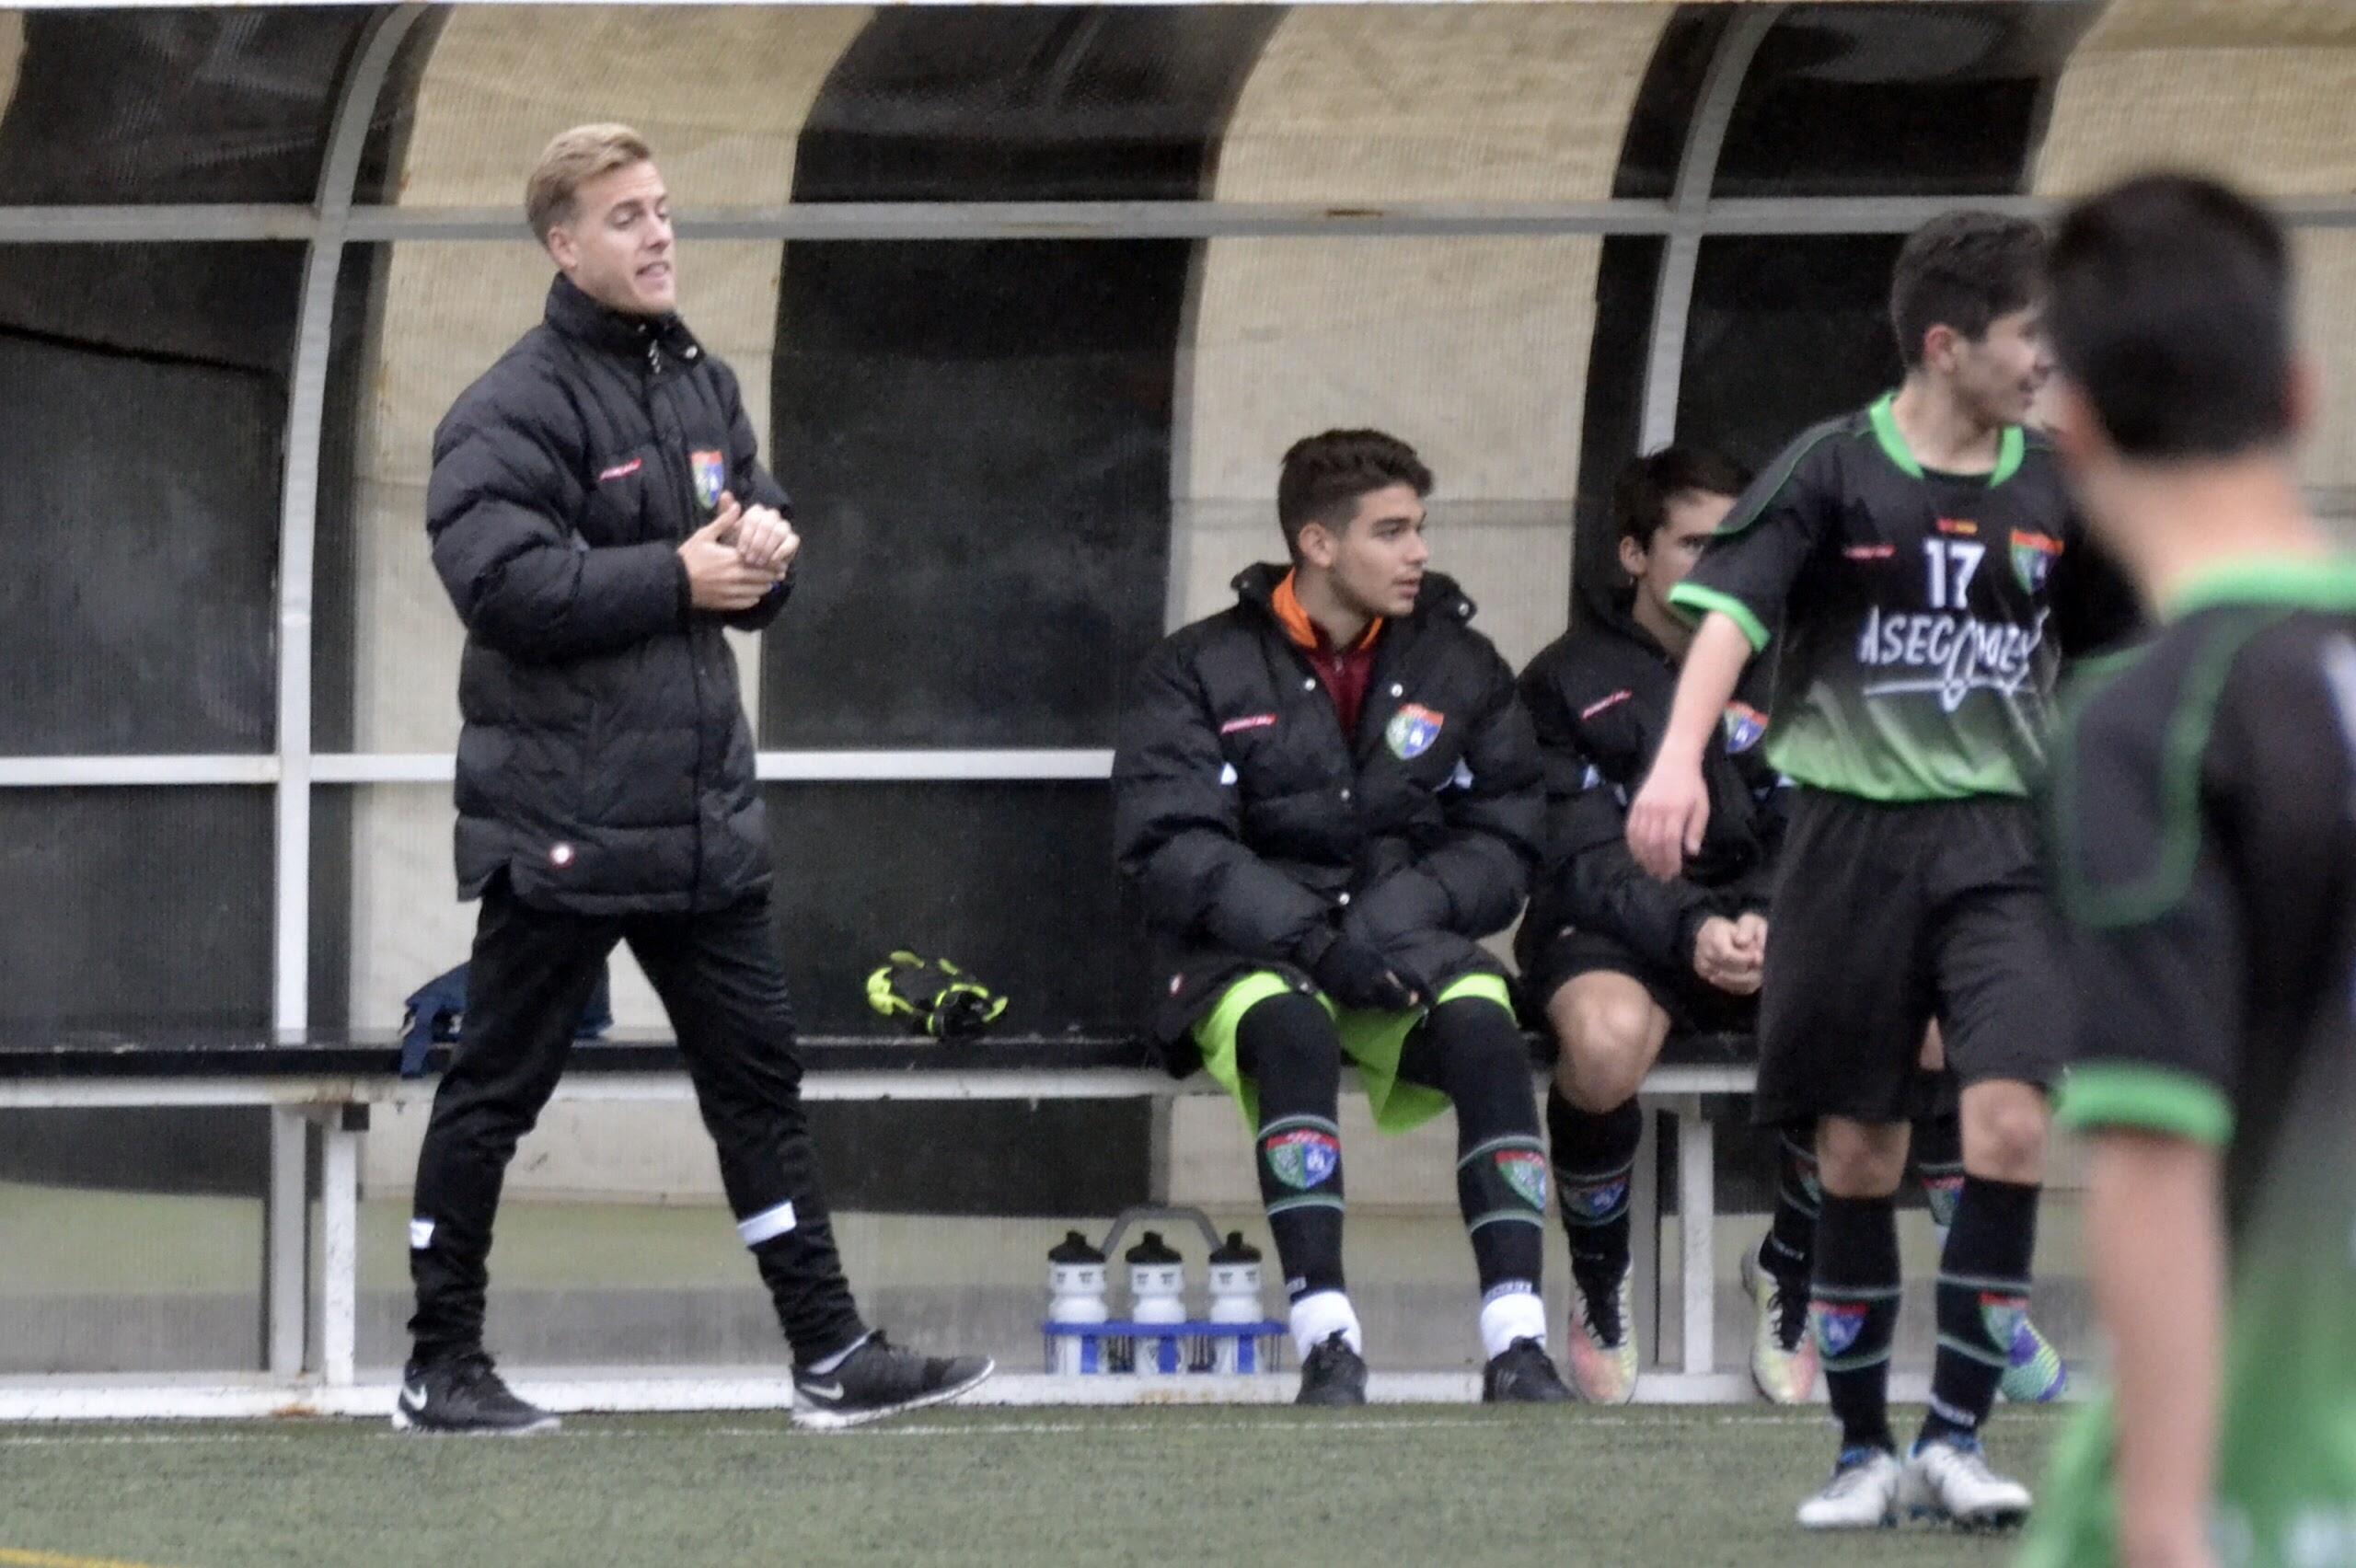 Nuevos entrenadores confirmados para la temporada que viene